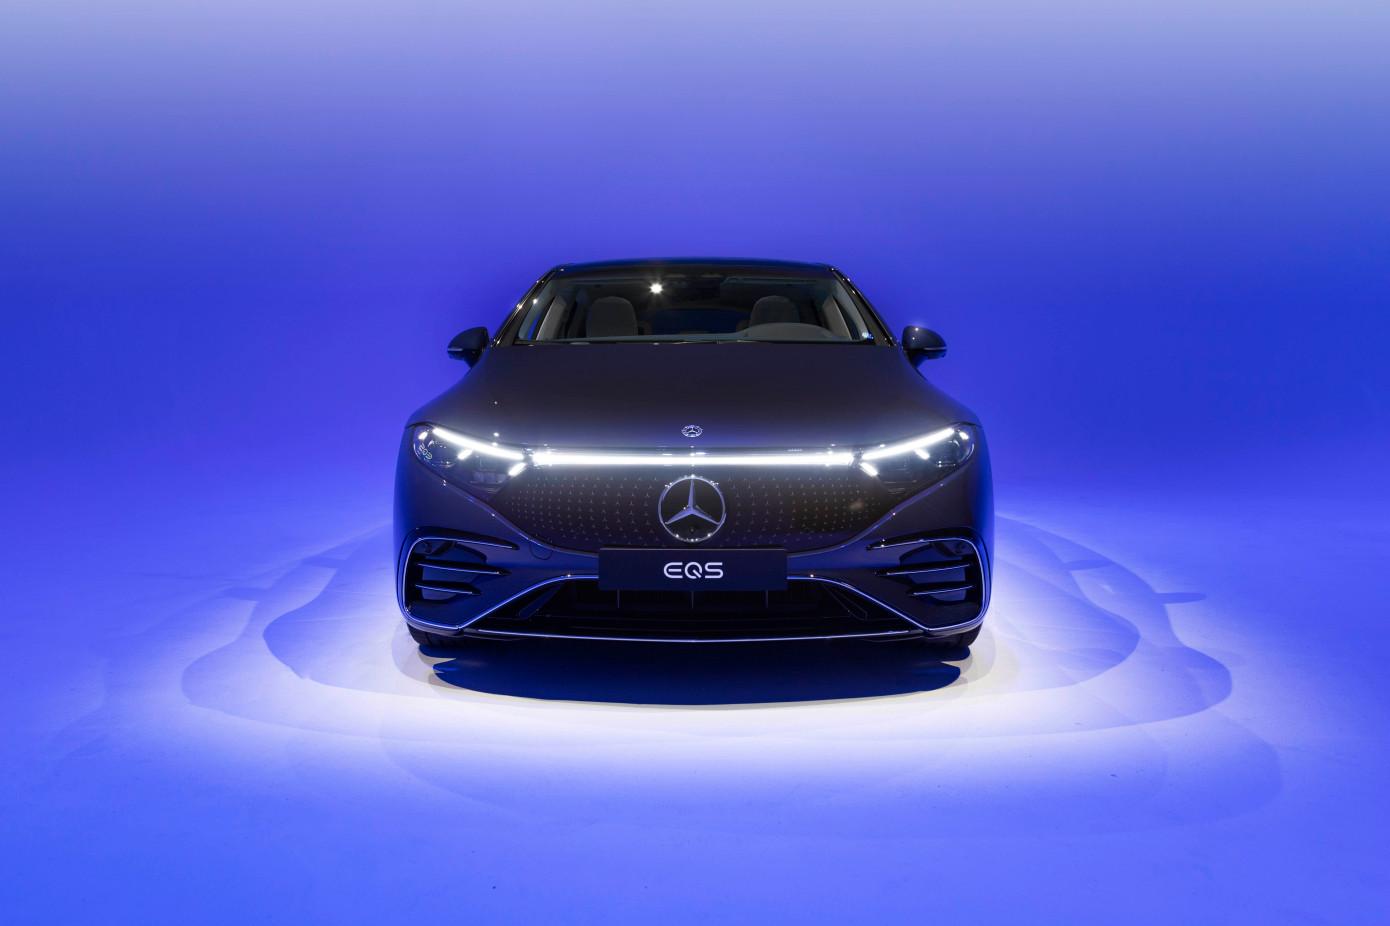 أول سيارة كهربائية في فئة السيارات السيدان الكهربائية الفخمة